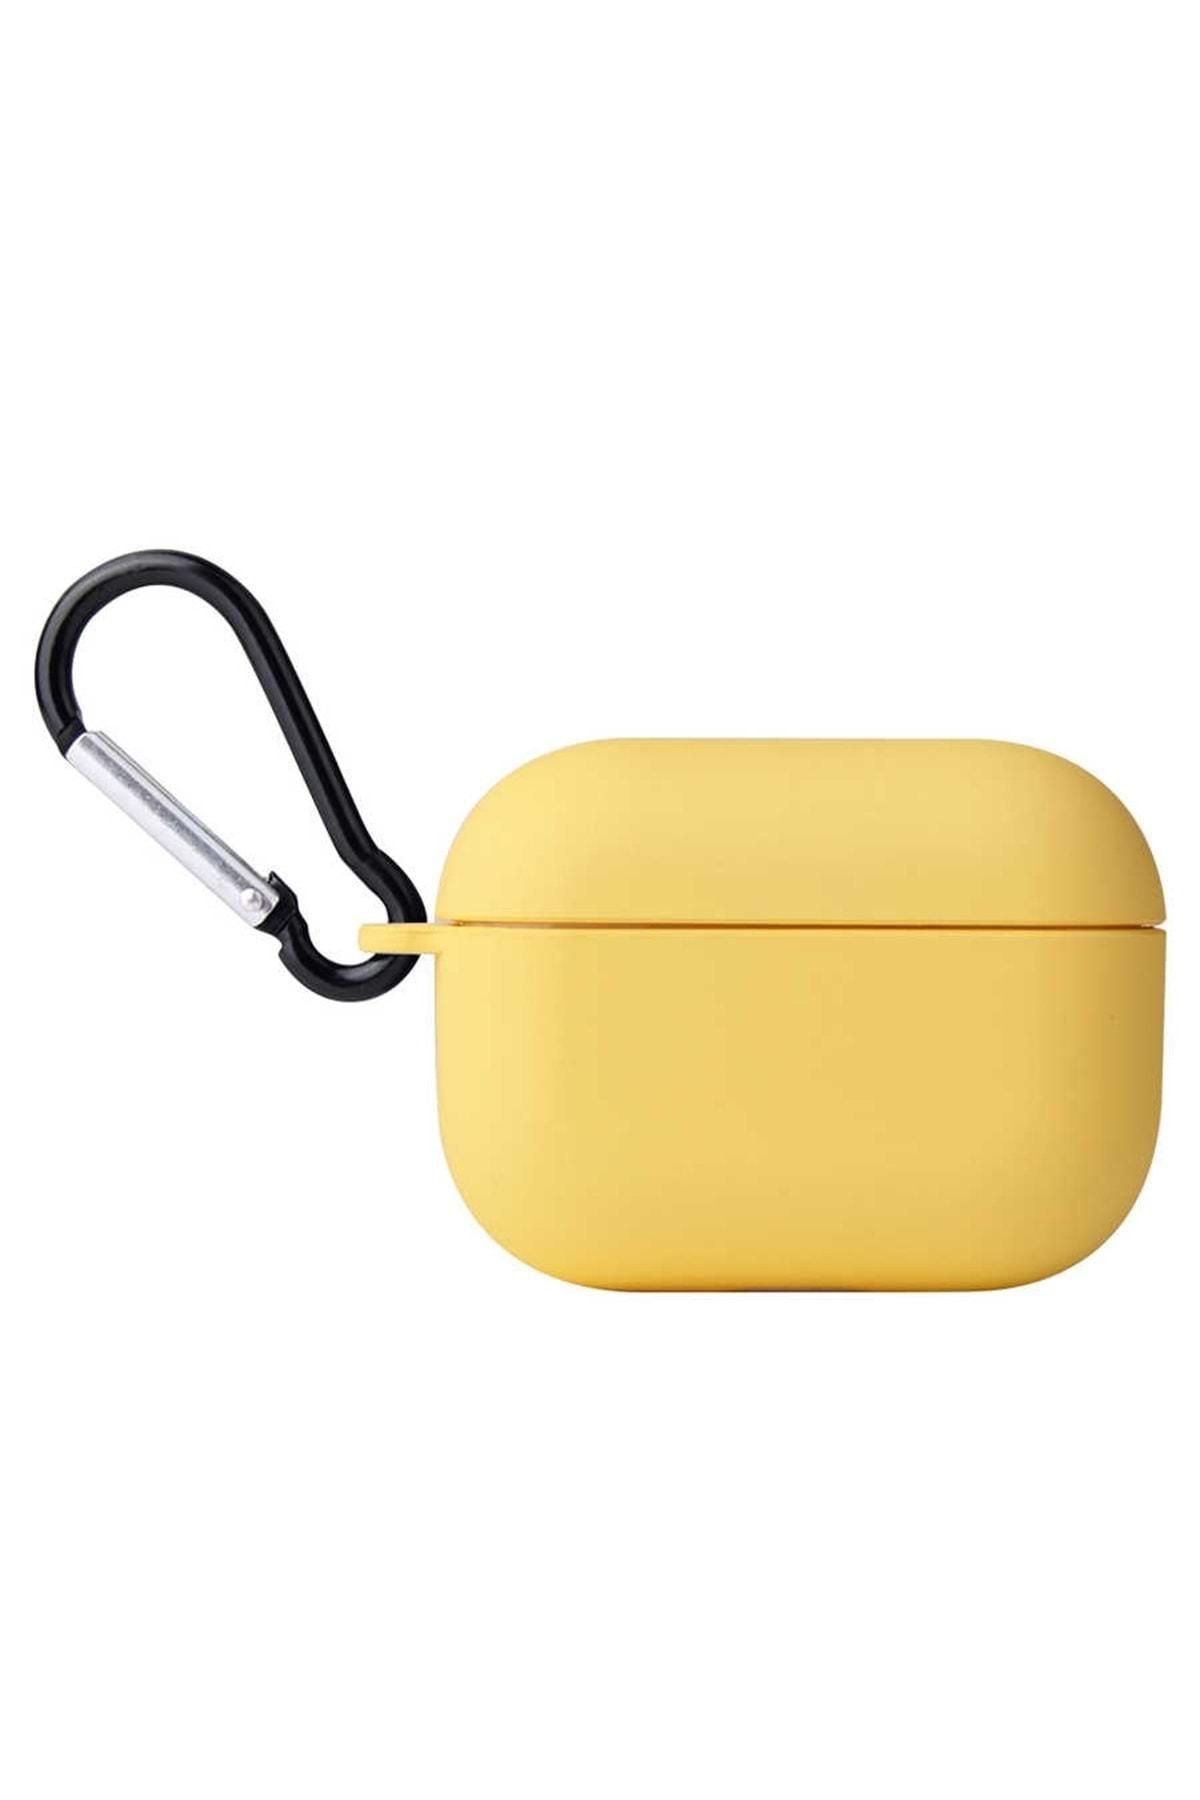 zore Sarı Apple Airpods Pro Kılıf Airbag 11 Silikon 1